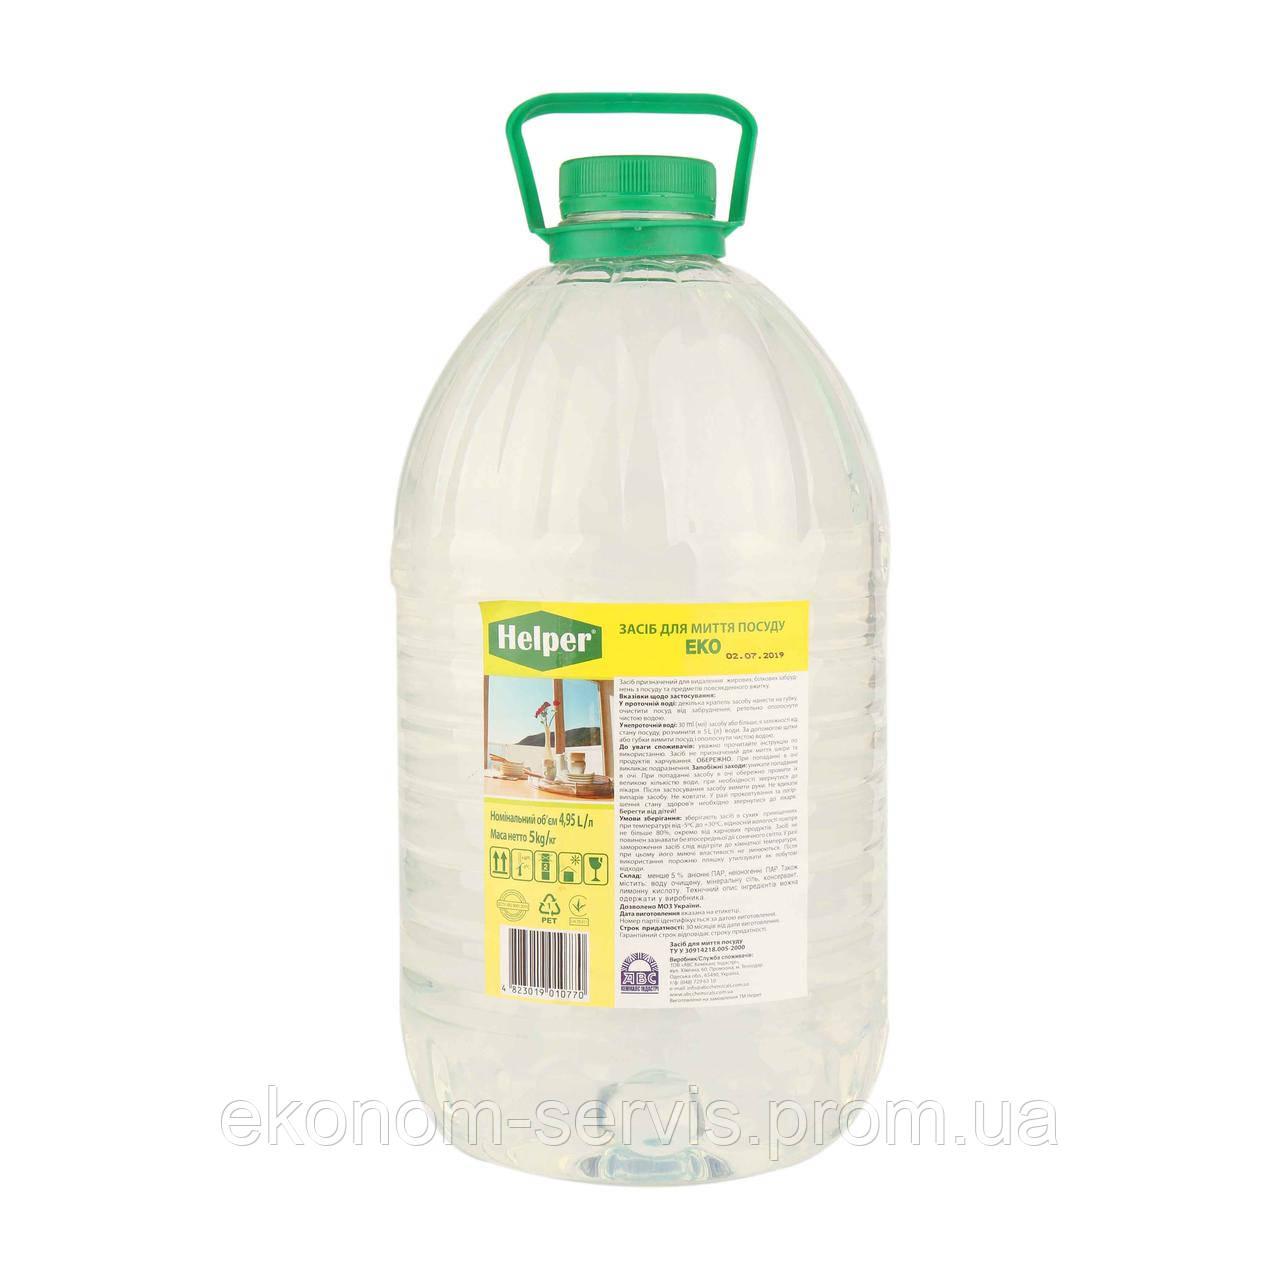 Средство для мытья посуды Helper ЭКО, 4,95л